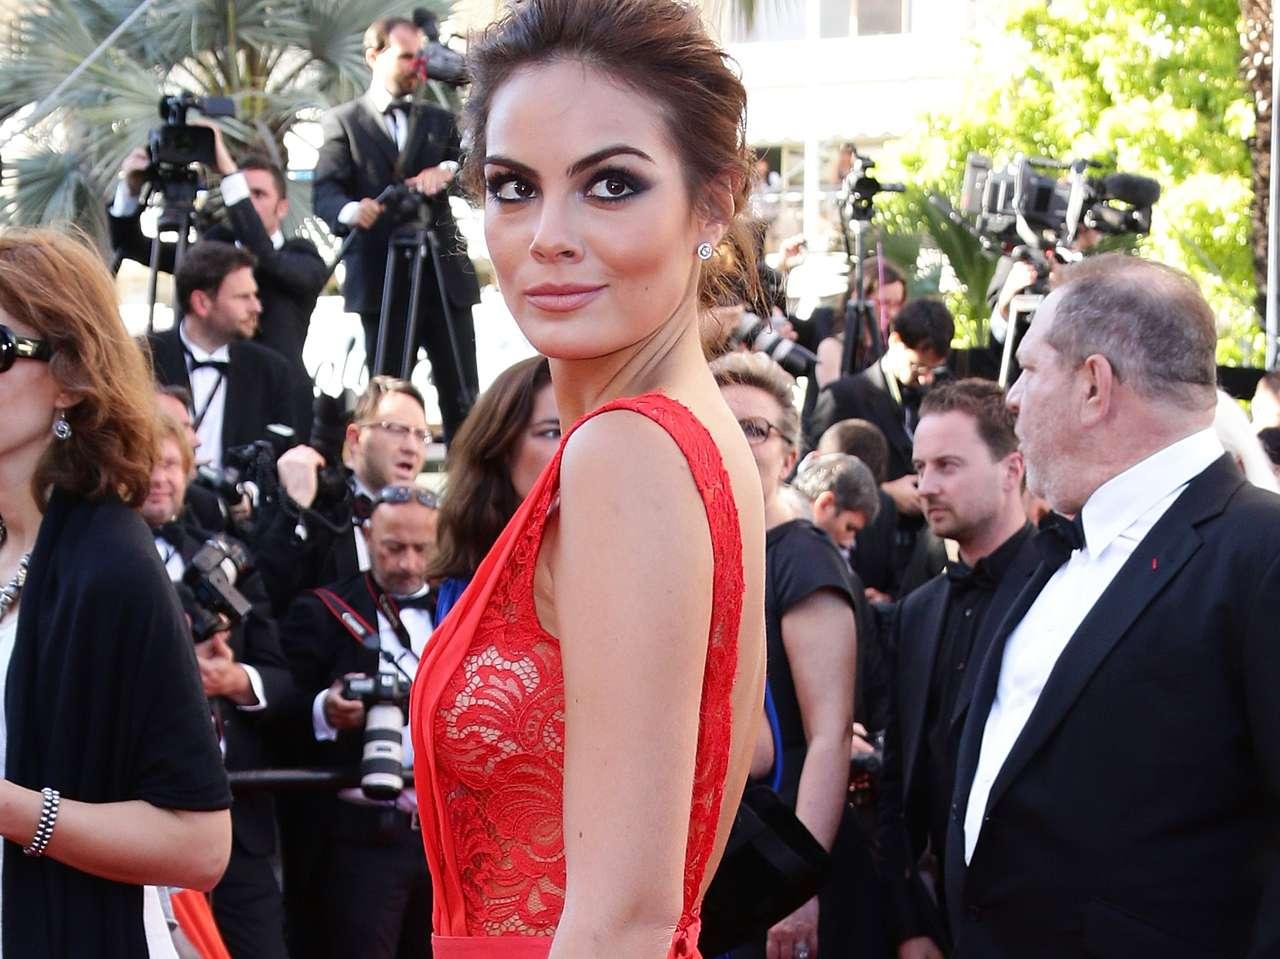 Ximena Navarrete ya ha desfilado en alfombras rojas de festivales de cine, como reina de belleza de Miss Universo. Foto: Getty Images